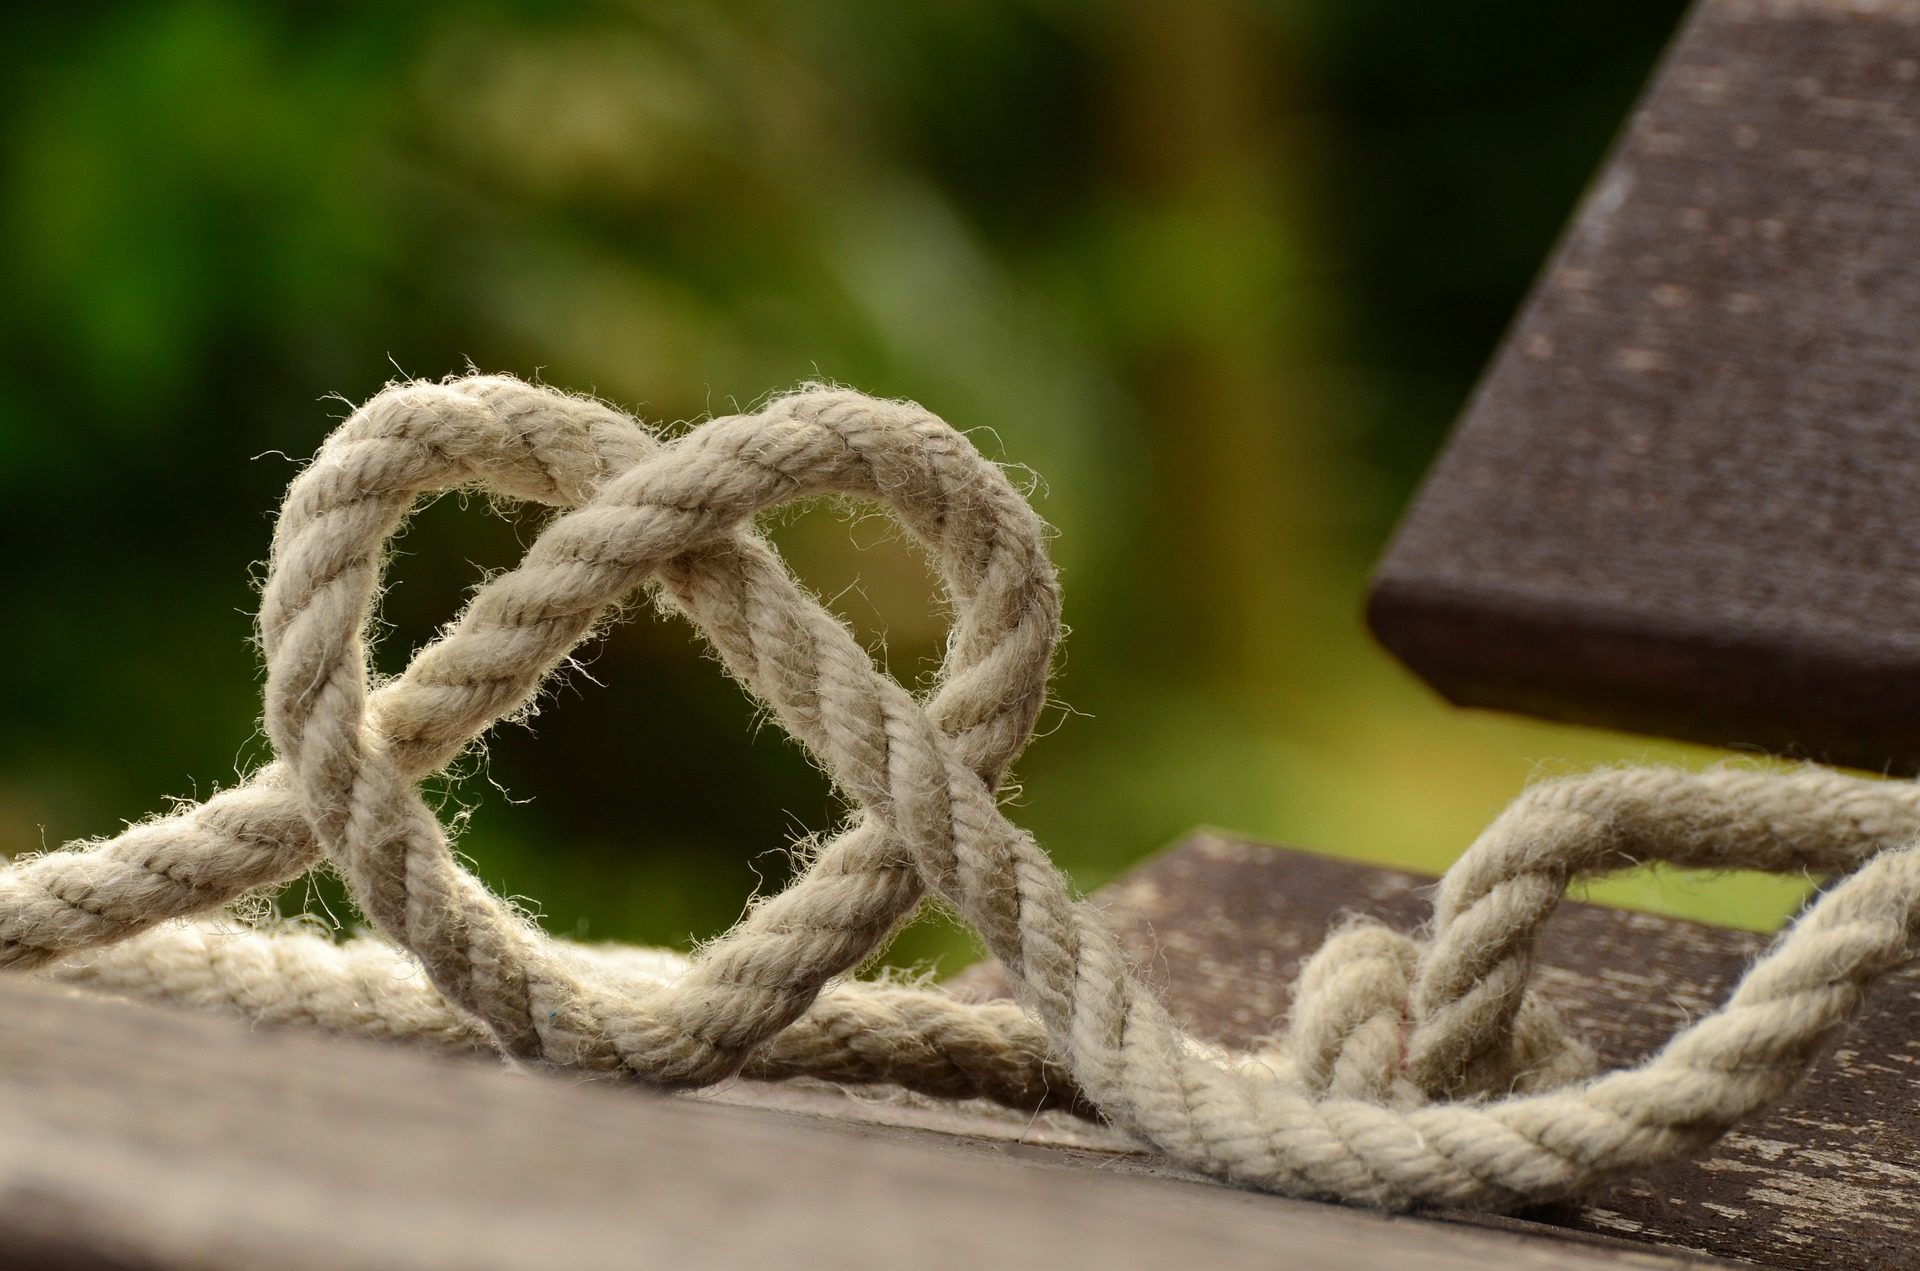 corda, nodo, ciclo, cuore, amore, promessa - Sfondi HD - Professor-falken.com